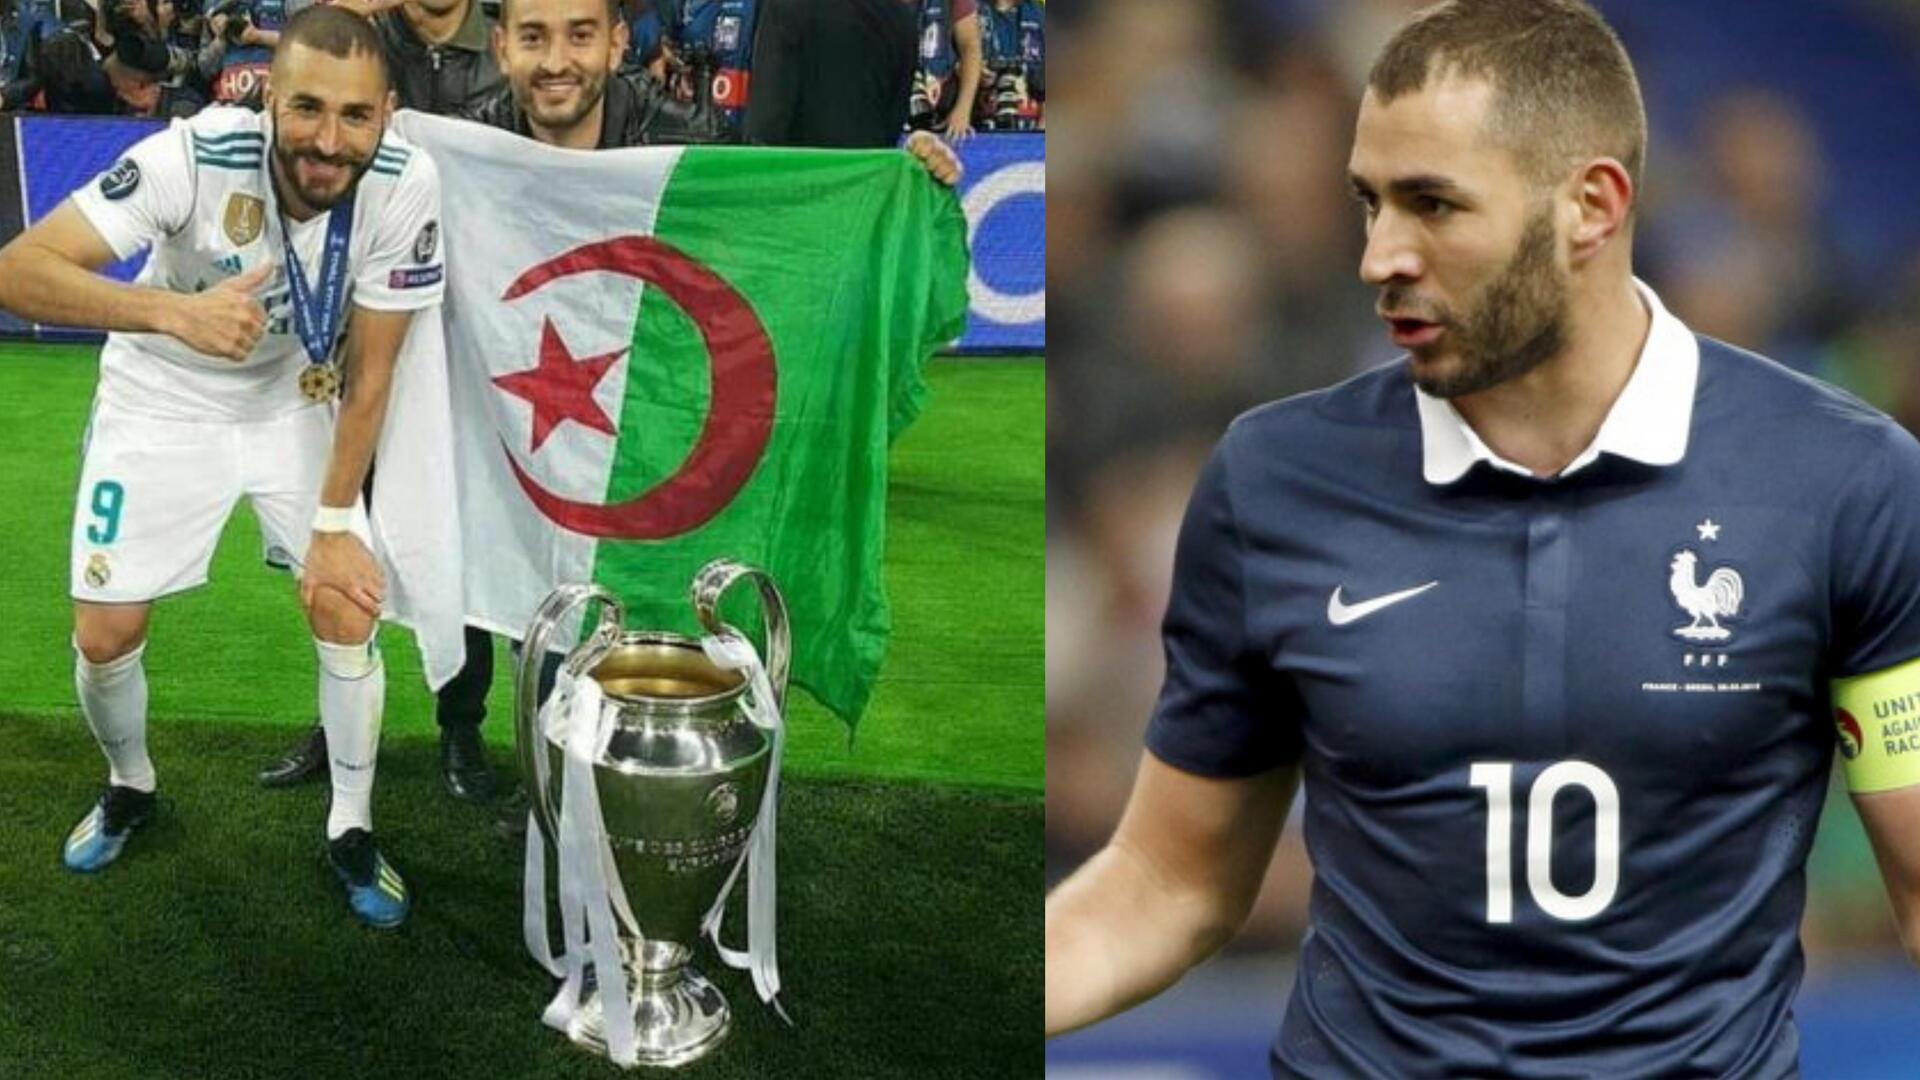 بعد أزمته مع منتخب فرنسا.. هل يحق لبنزيما اللعب في منتخب الجزائر؟